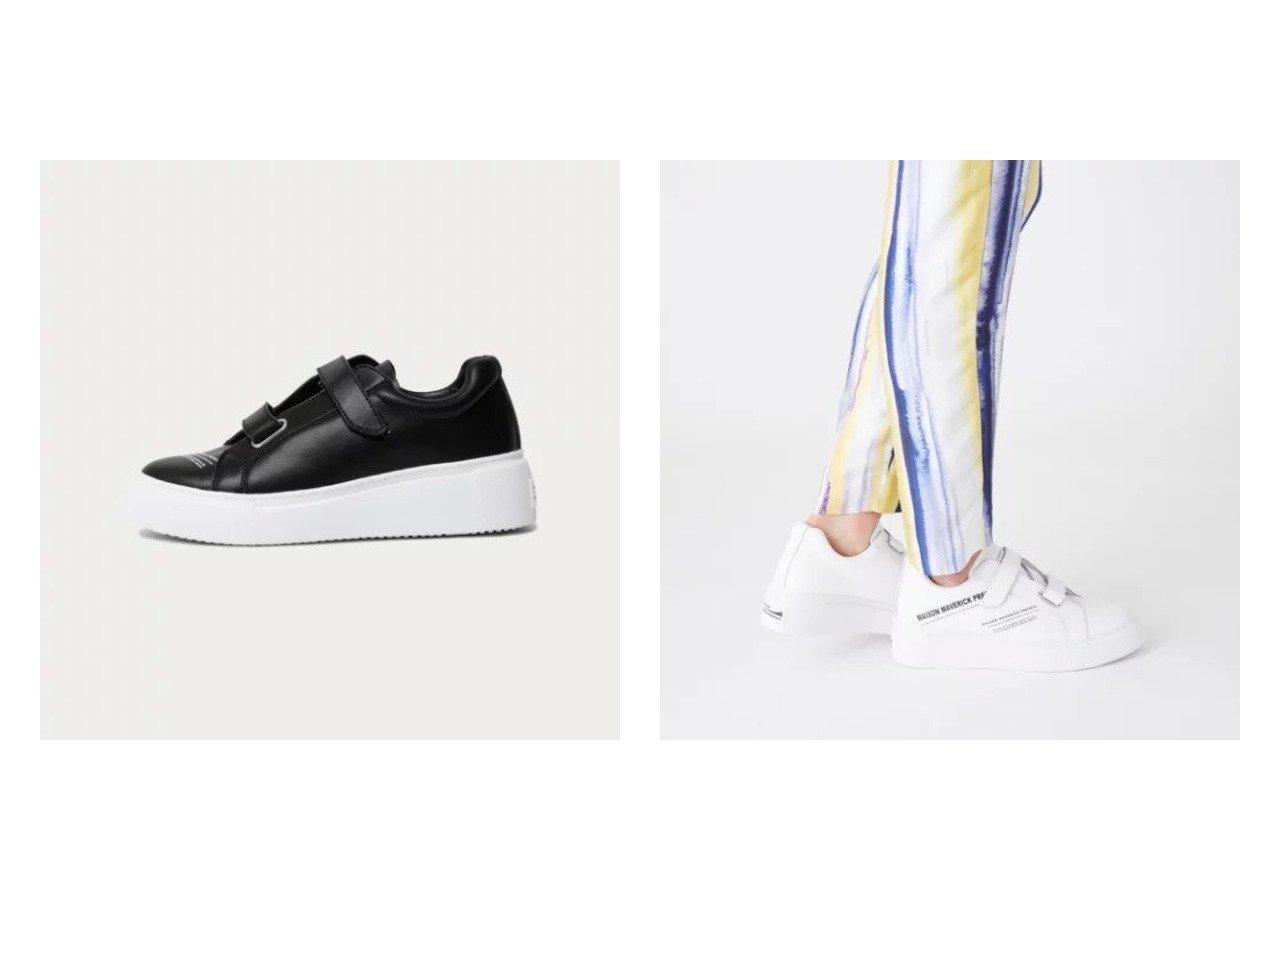 【Odette e Odile/オデット エ オディール】のMAISON MAVERICK PRESENTS OldSkool V 【シューズ・靴】おすすめ!人気、トレンド・レディースファッションの通販 おすすめで人気の流行・トレンド、ファッションの通販商品 メンズファッション・キッズファッション・インテリア・家具・レディースファッション・服の通販 founy(ファニー) https://founy.com/ ファッション Fashion レディースファッション WOMEN A/W 秋冬 AW Autumn/Winter / FW Fall-Winter おすすめ Recommend シューズ スニーカー スポーティ フォルム  ID:crp329100000025451